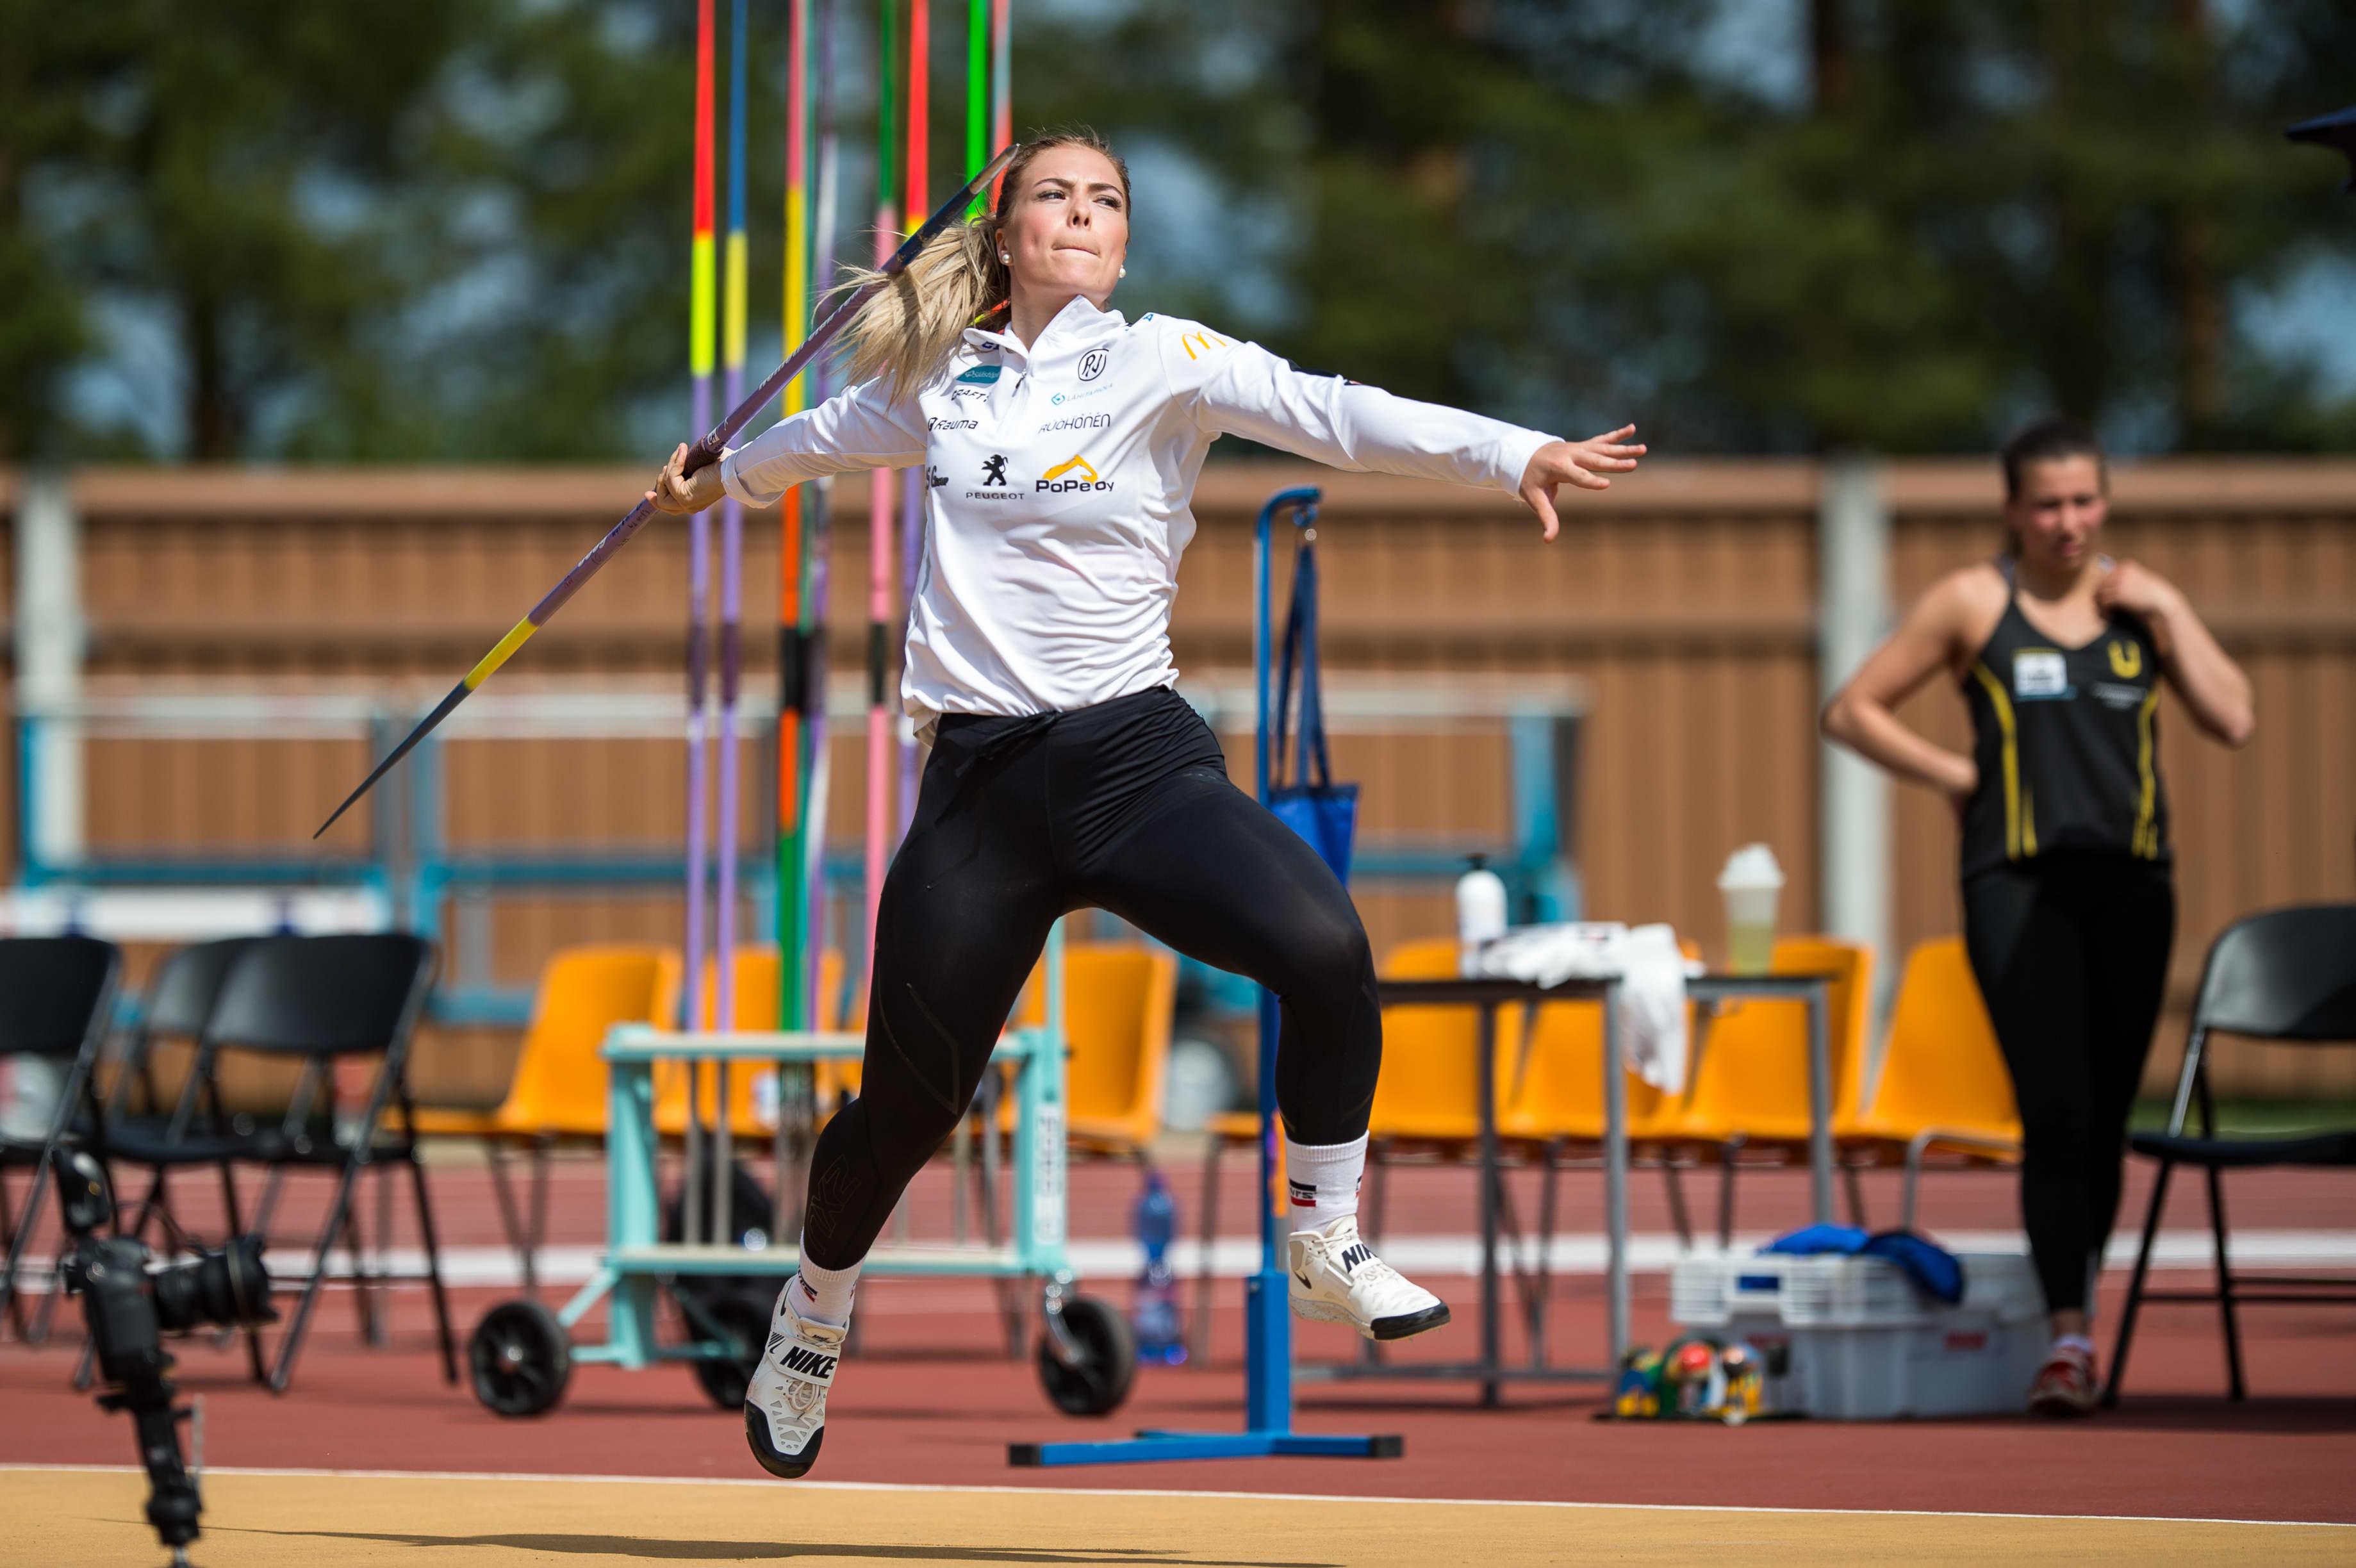 Julia Valtanen, Jyväskylä 1.6.2020